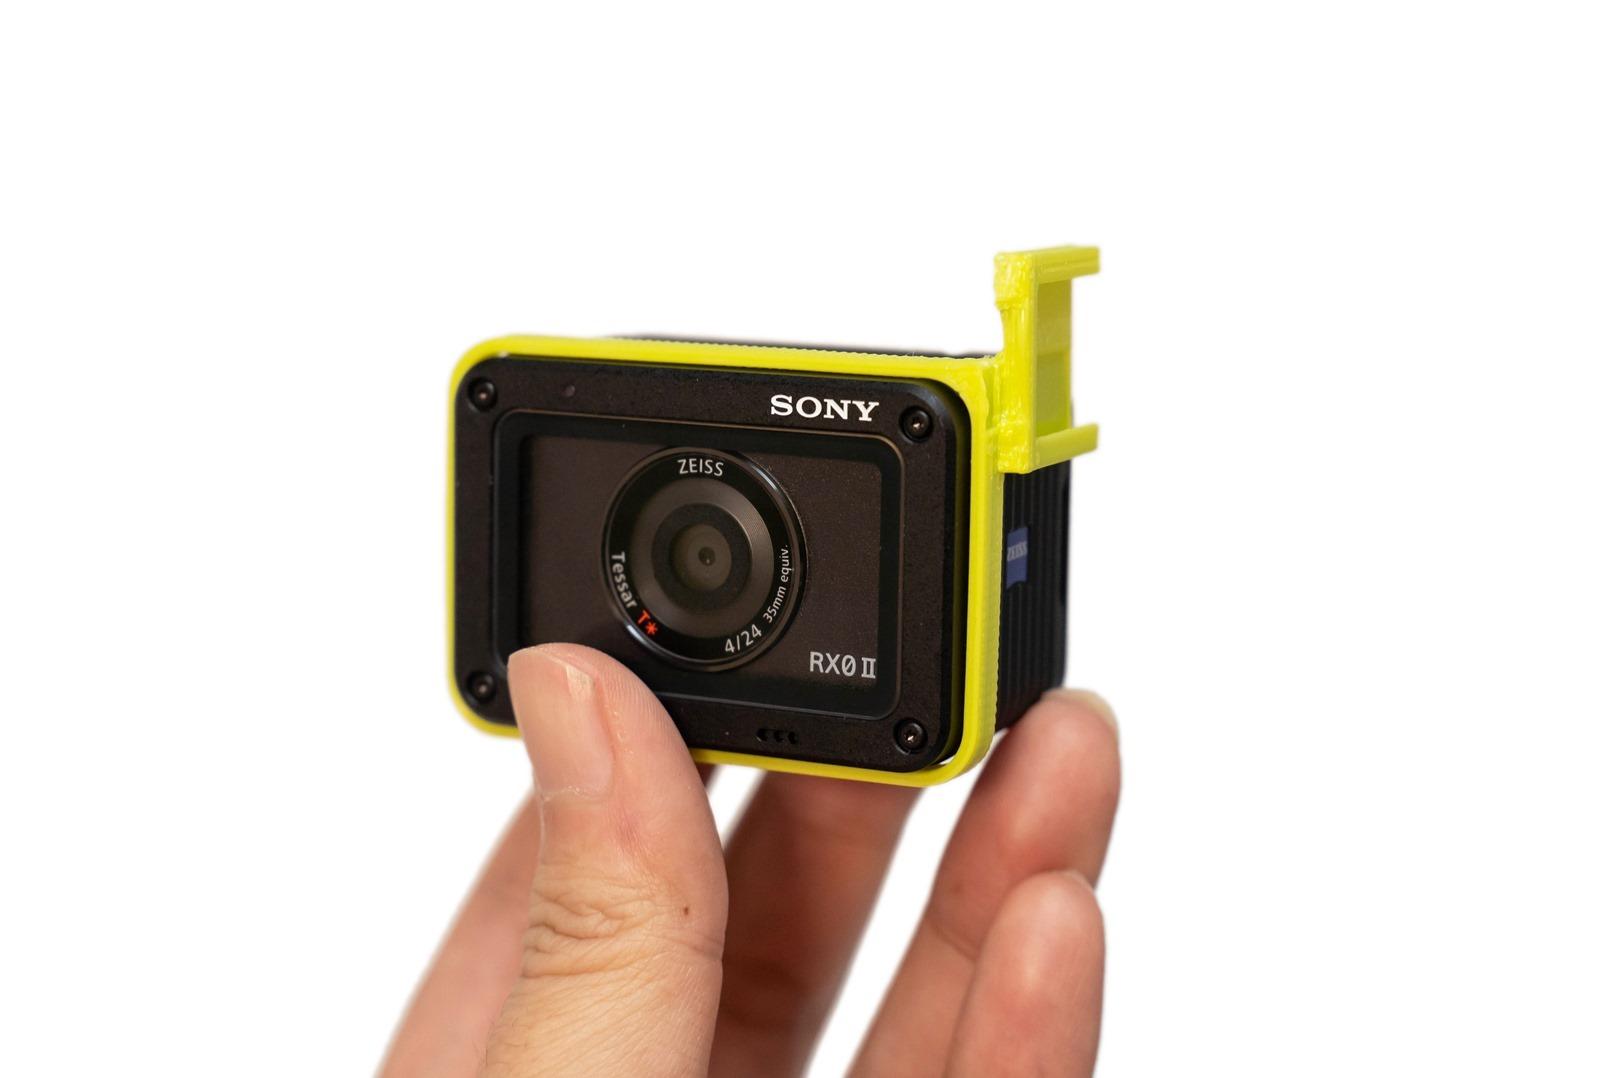 Sony RX0 II (M2) 外接麥克風固定解決方案 (3D 列印鏡頭熱靴座) @3C 達人廖阿輝